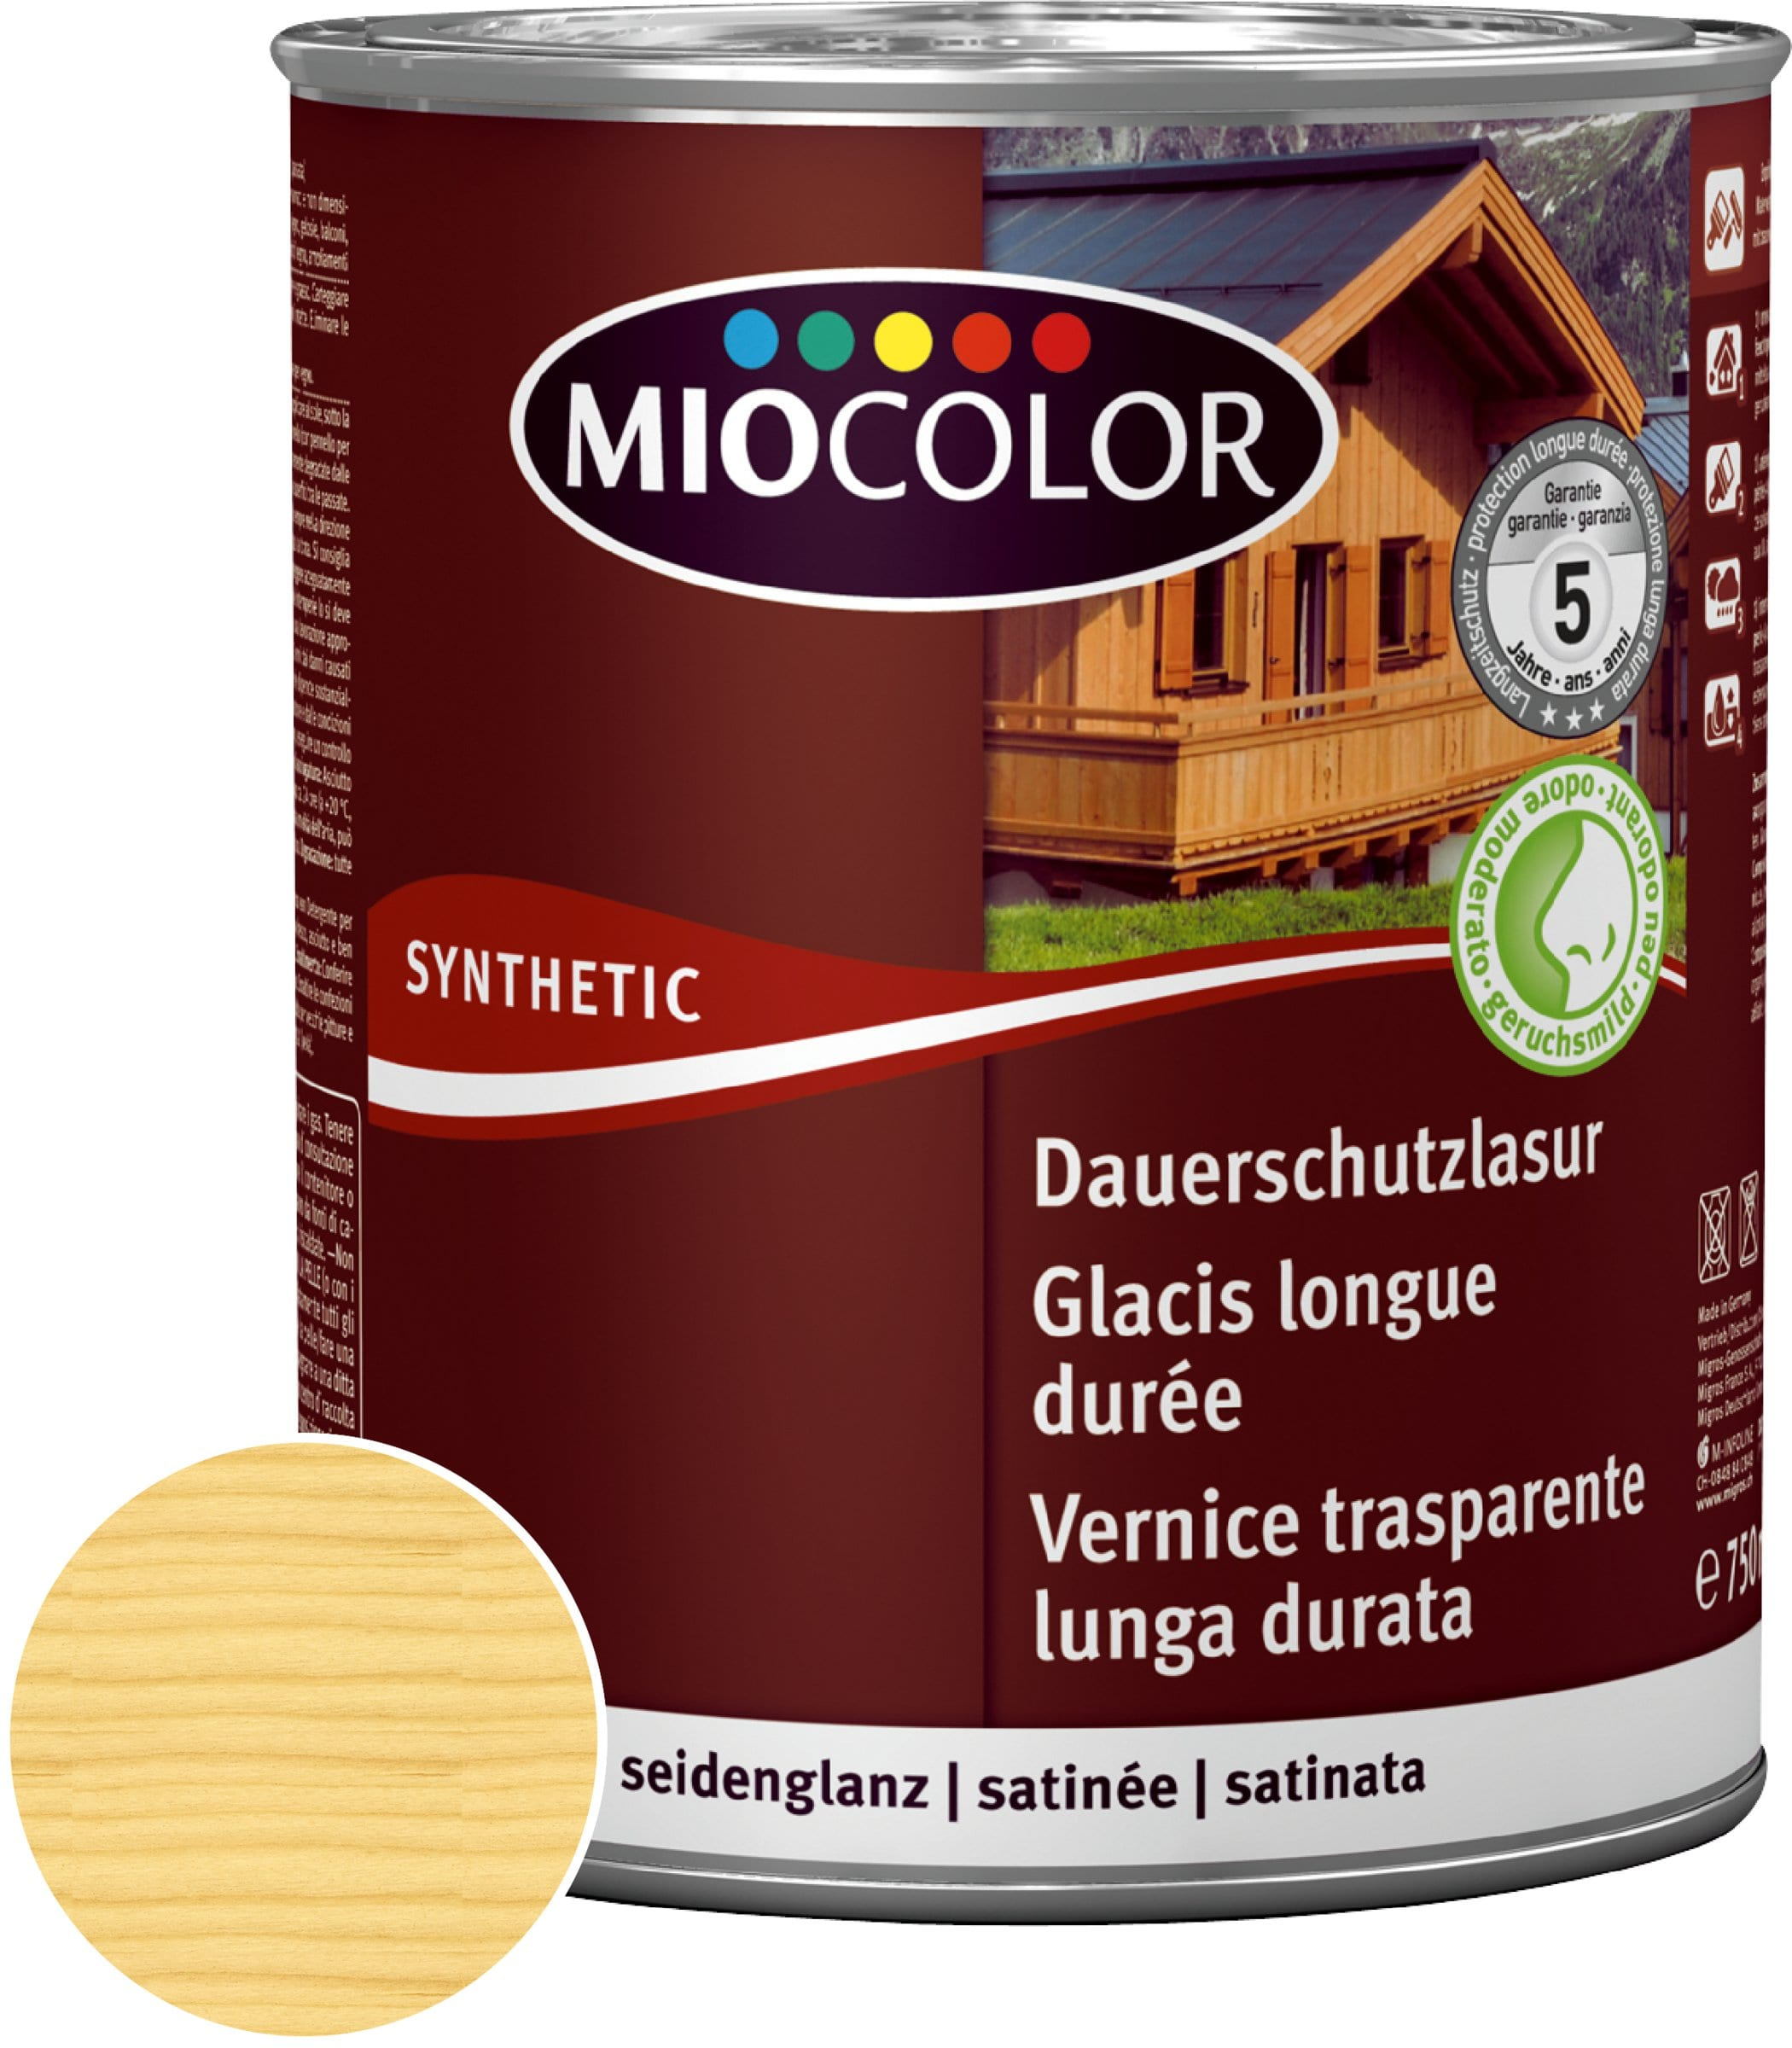 Miocolor Vernice trasparente lunga durata Incolore 750 ml